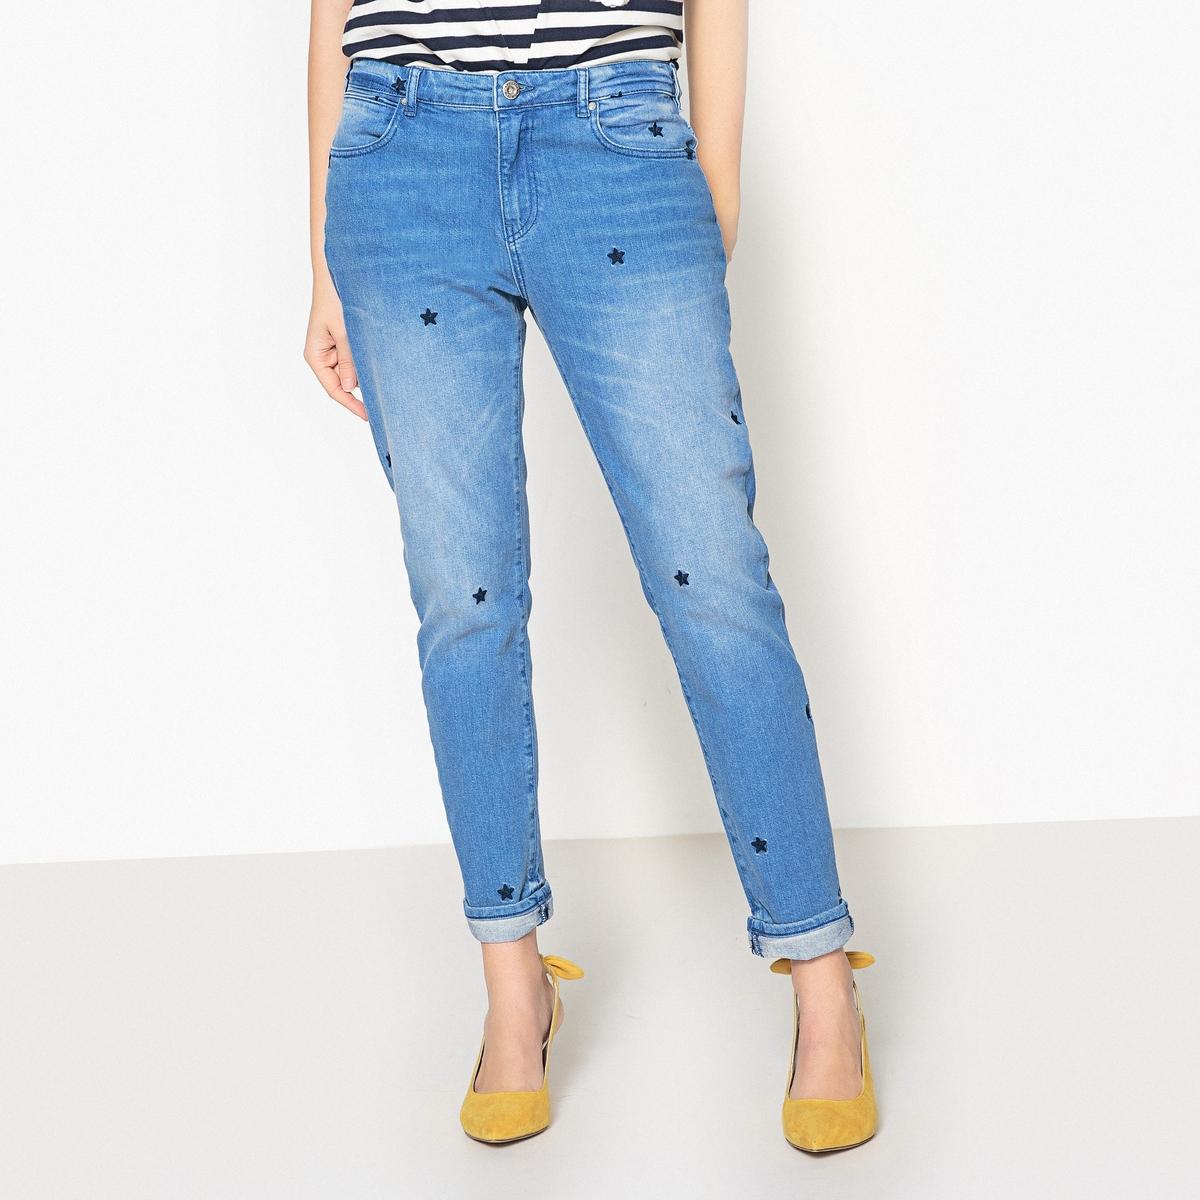 Джинсы-скинни с вышивками джинсы скинни длина 32